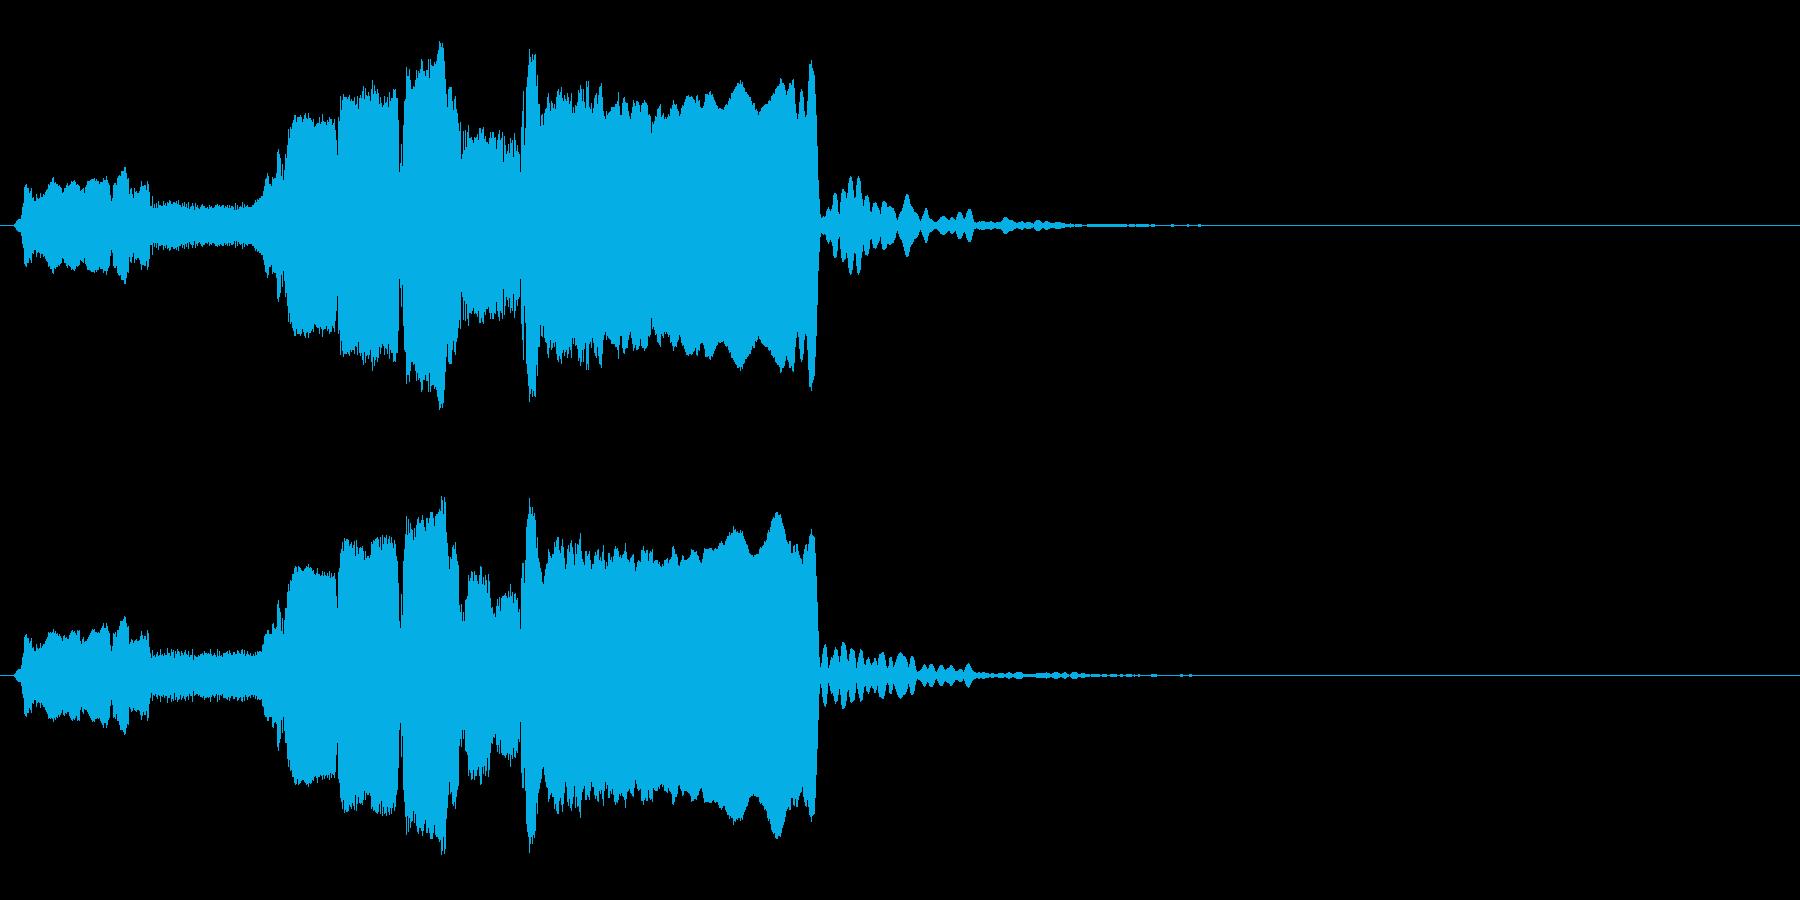 はじまり(早め)◆篠笛生演奏の和風効果音の再生済みの波形